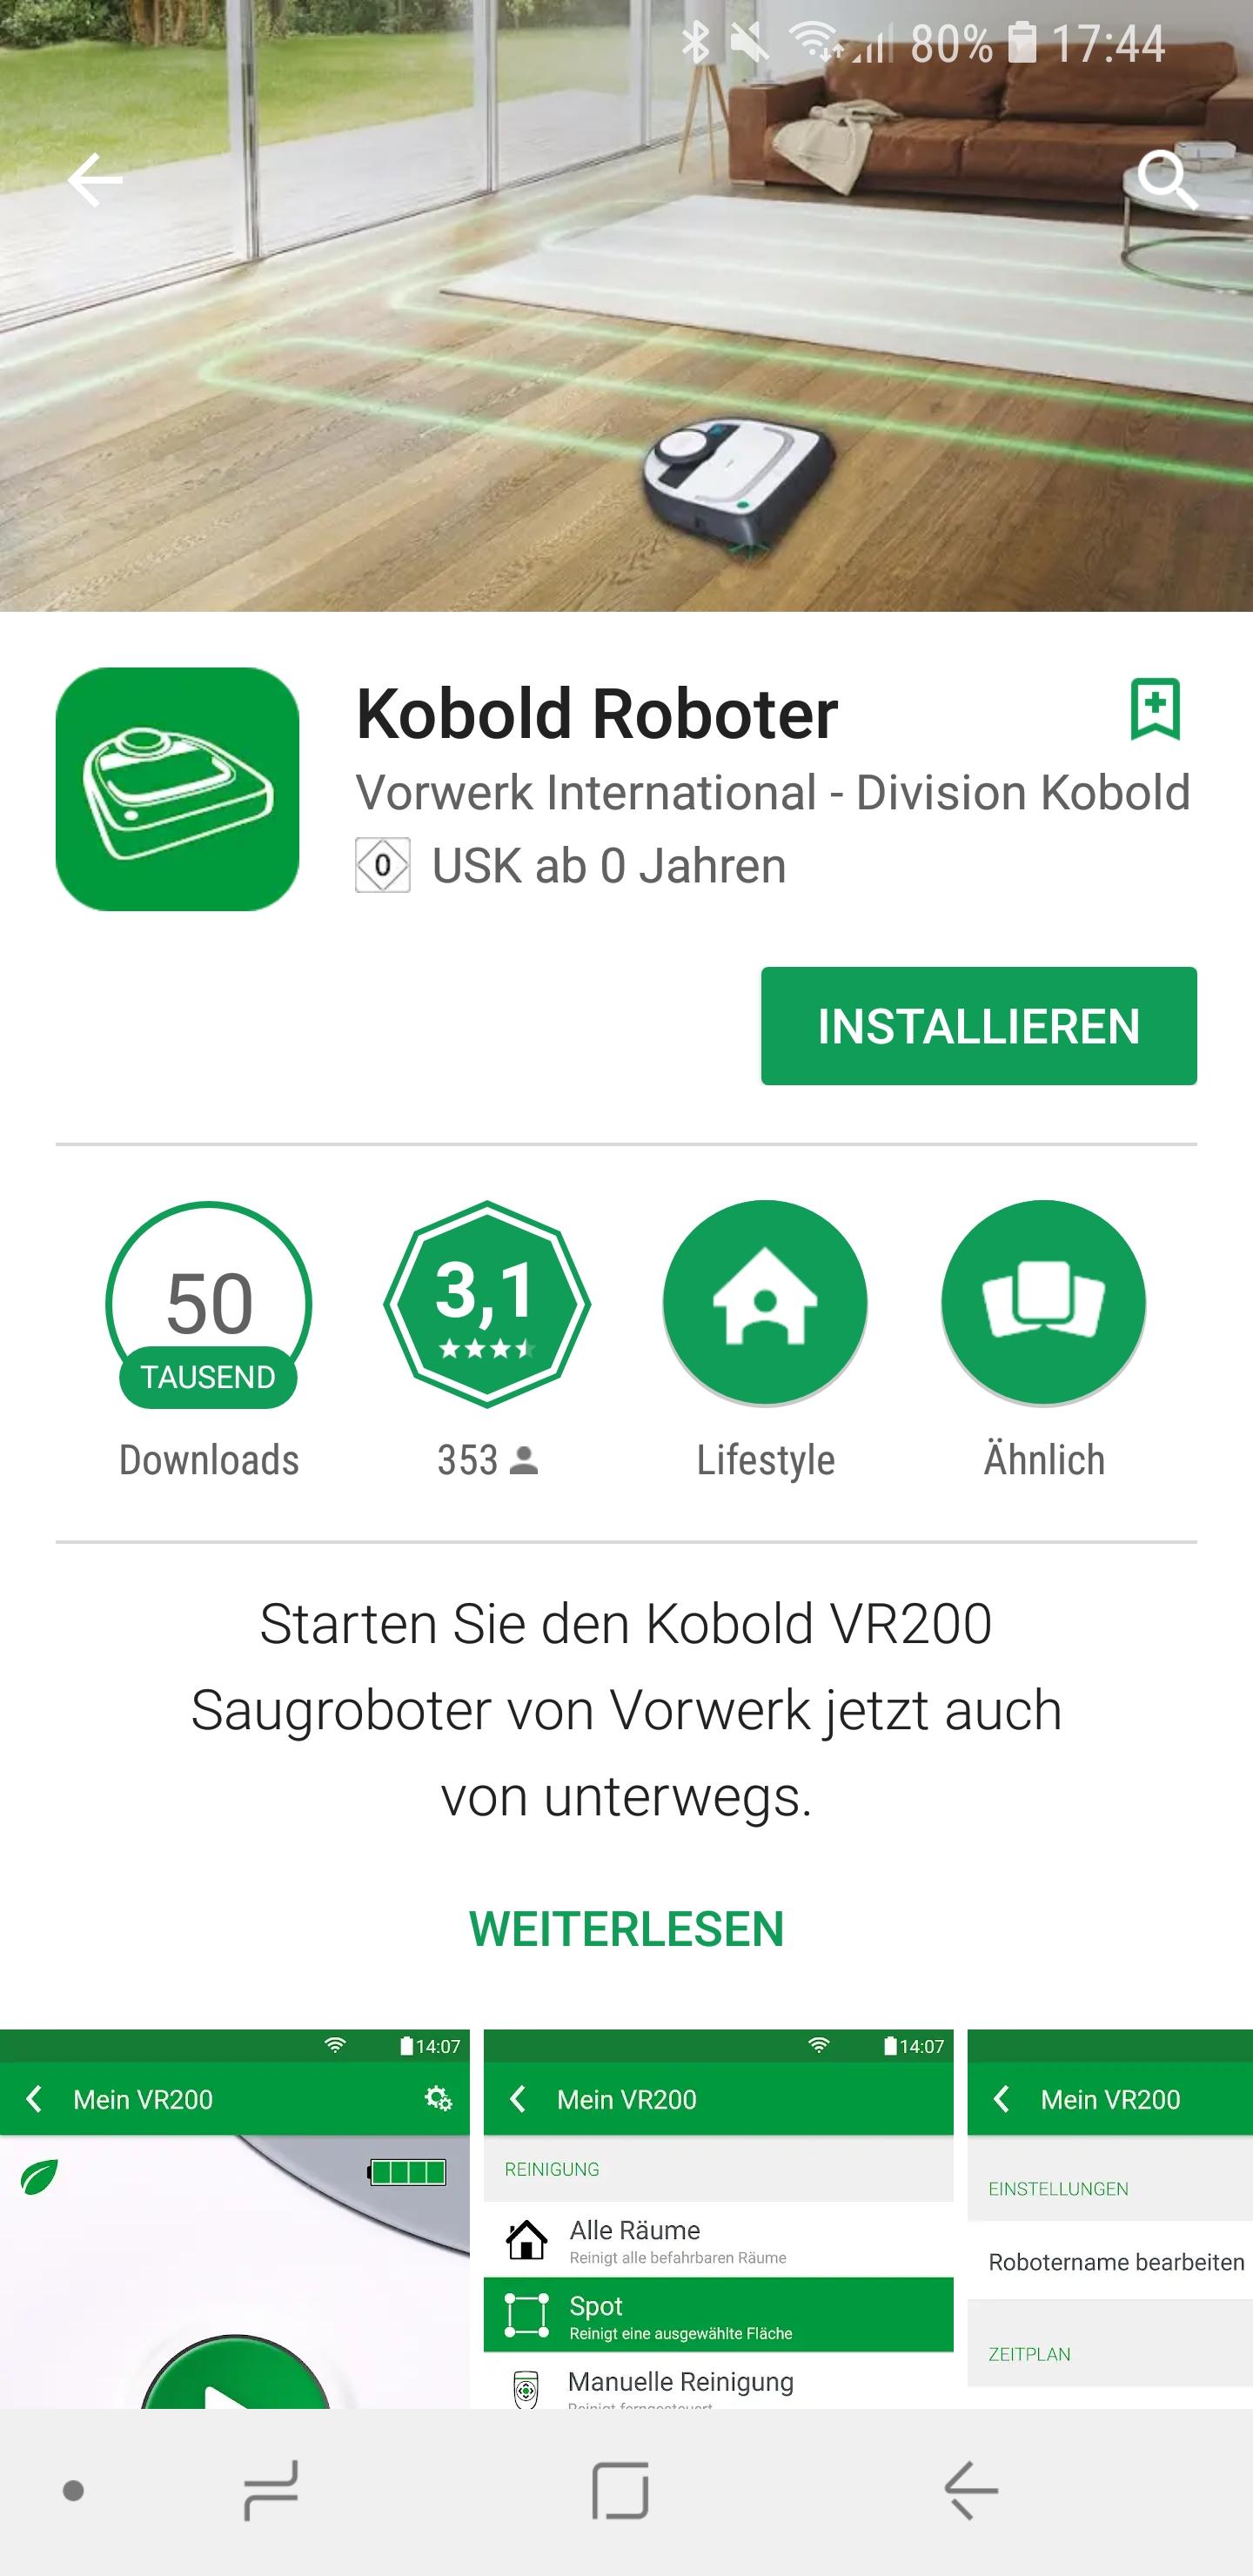 Vorwerk Kobold App installieren und Account einrichten 01